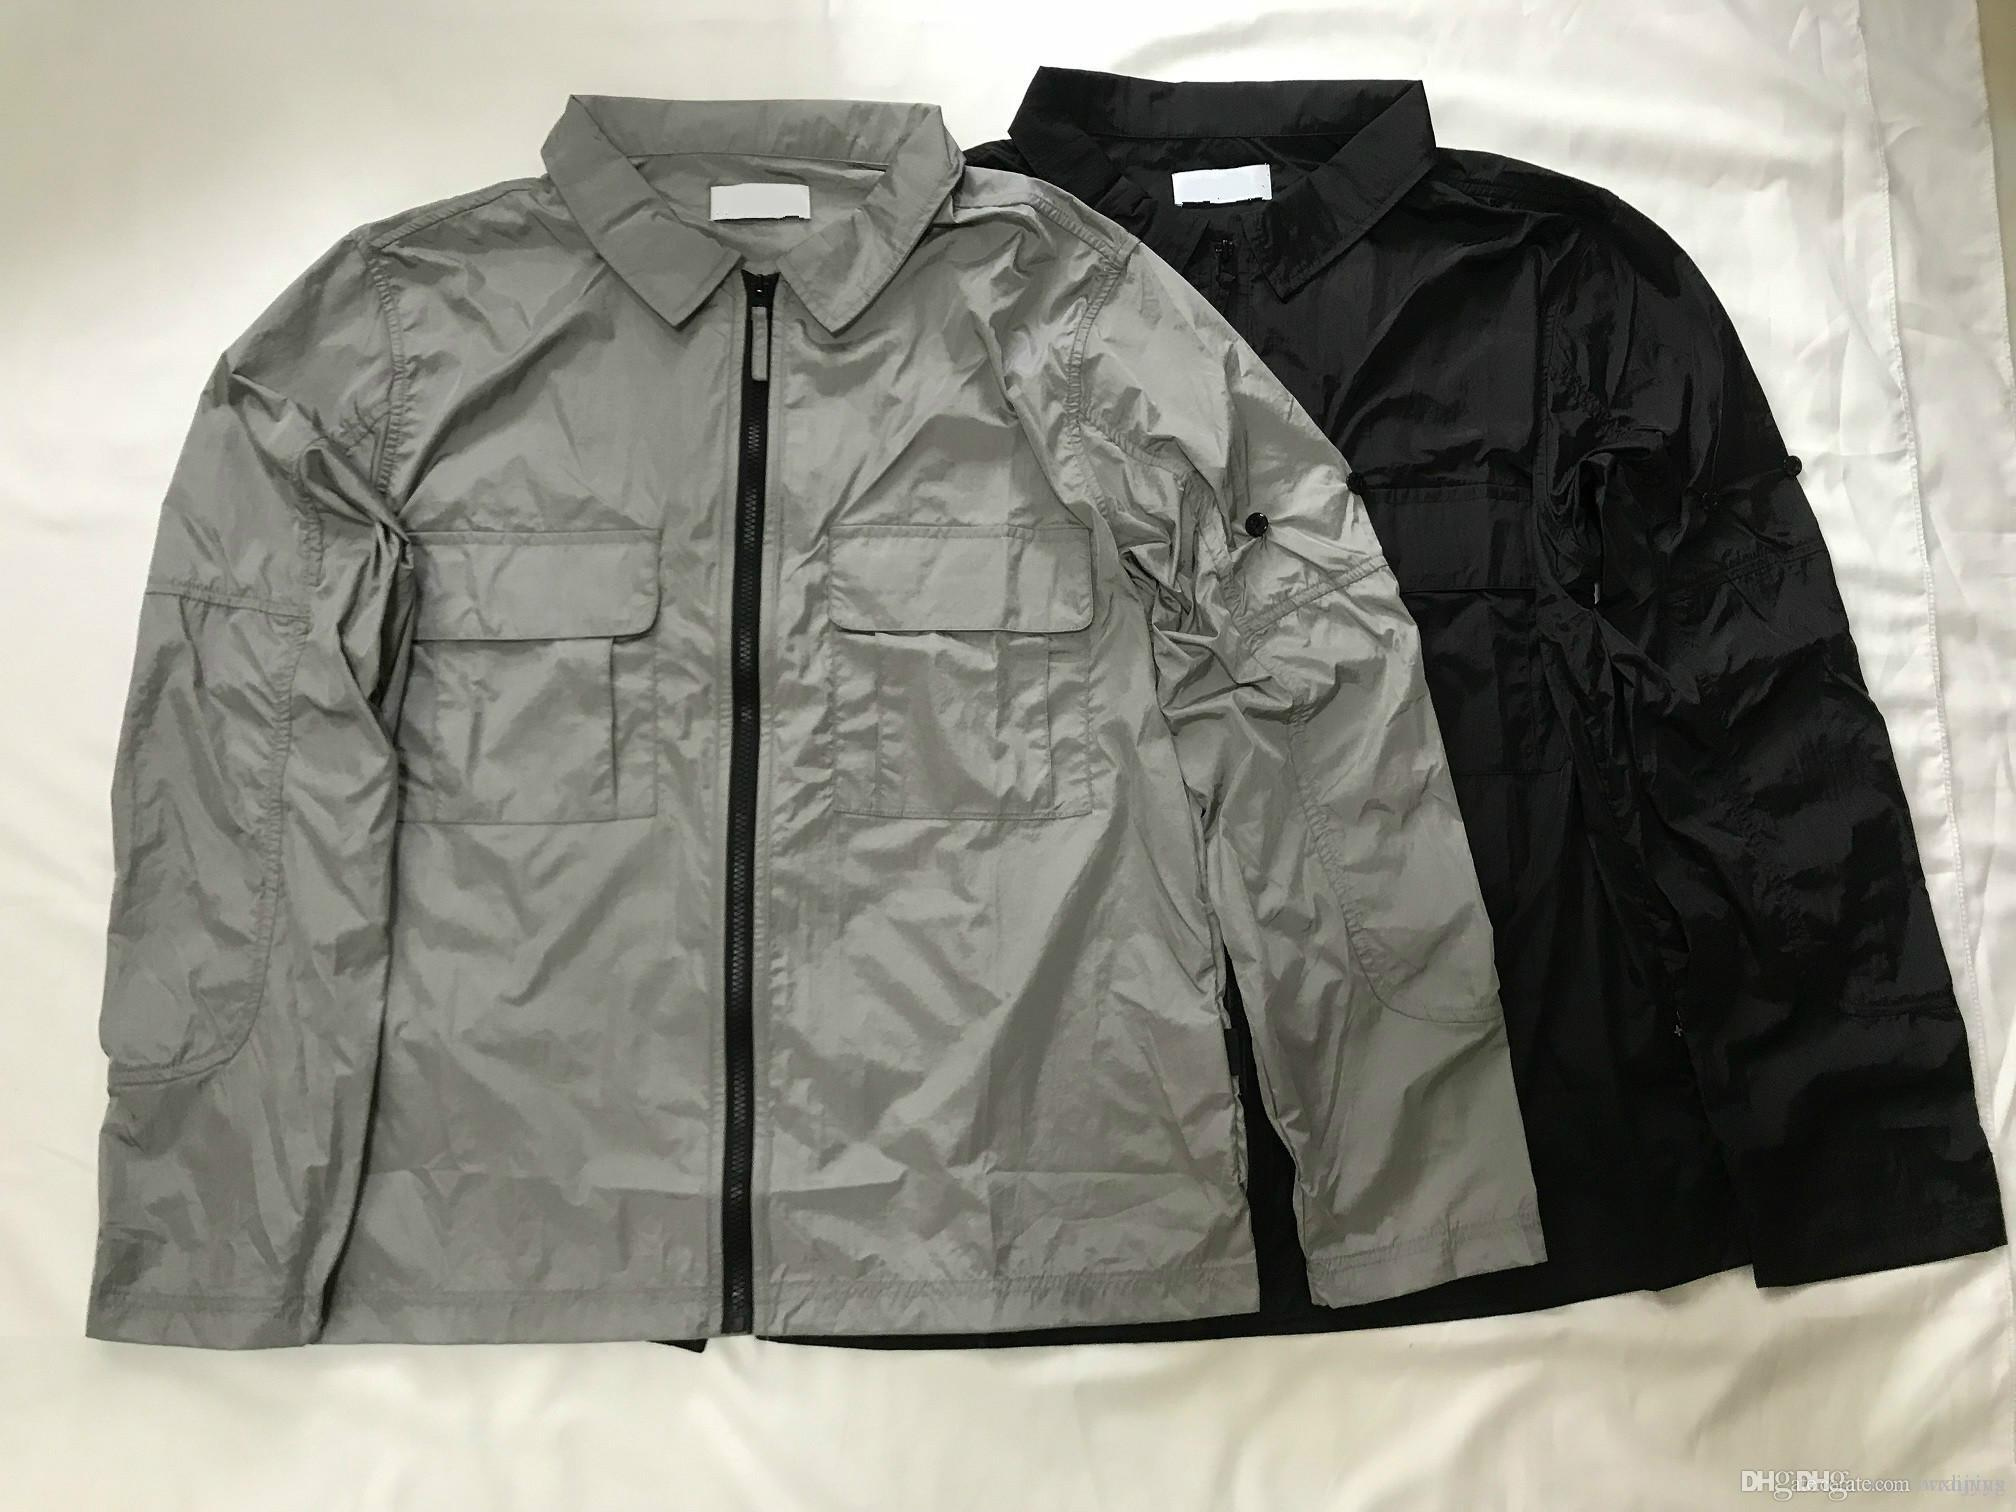 2020 년에 남자의 고급 캐주얼 고전적인 디자이너 재킷 남자 코트 상위 금속 나일론 YKK 지퍼 팔 OEM 로고 디자인 방수시 남자 크기 재킷